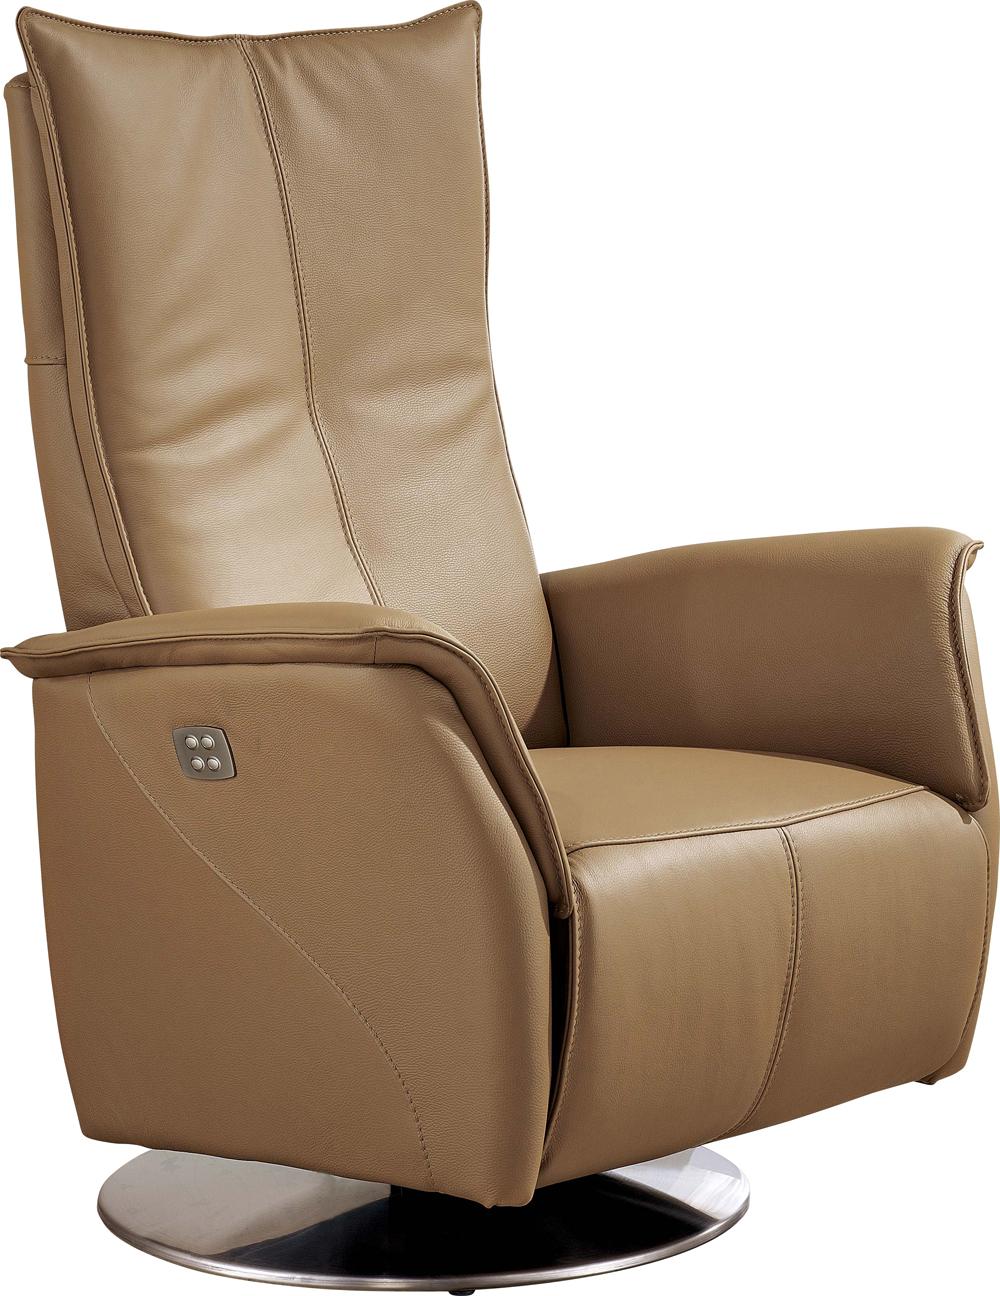 fauteuil relaxation paris,fauteuil relax haut de gamme